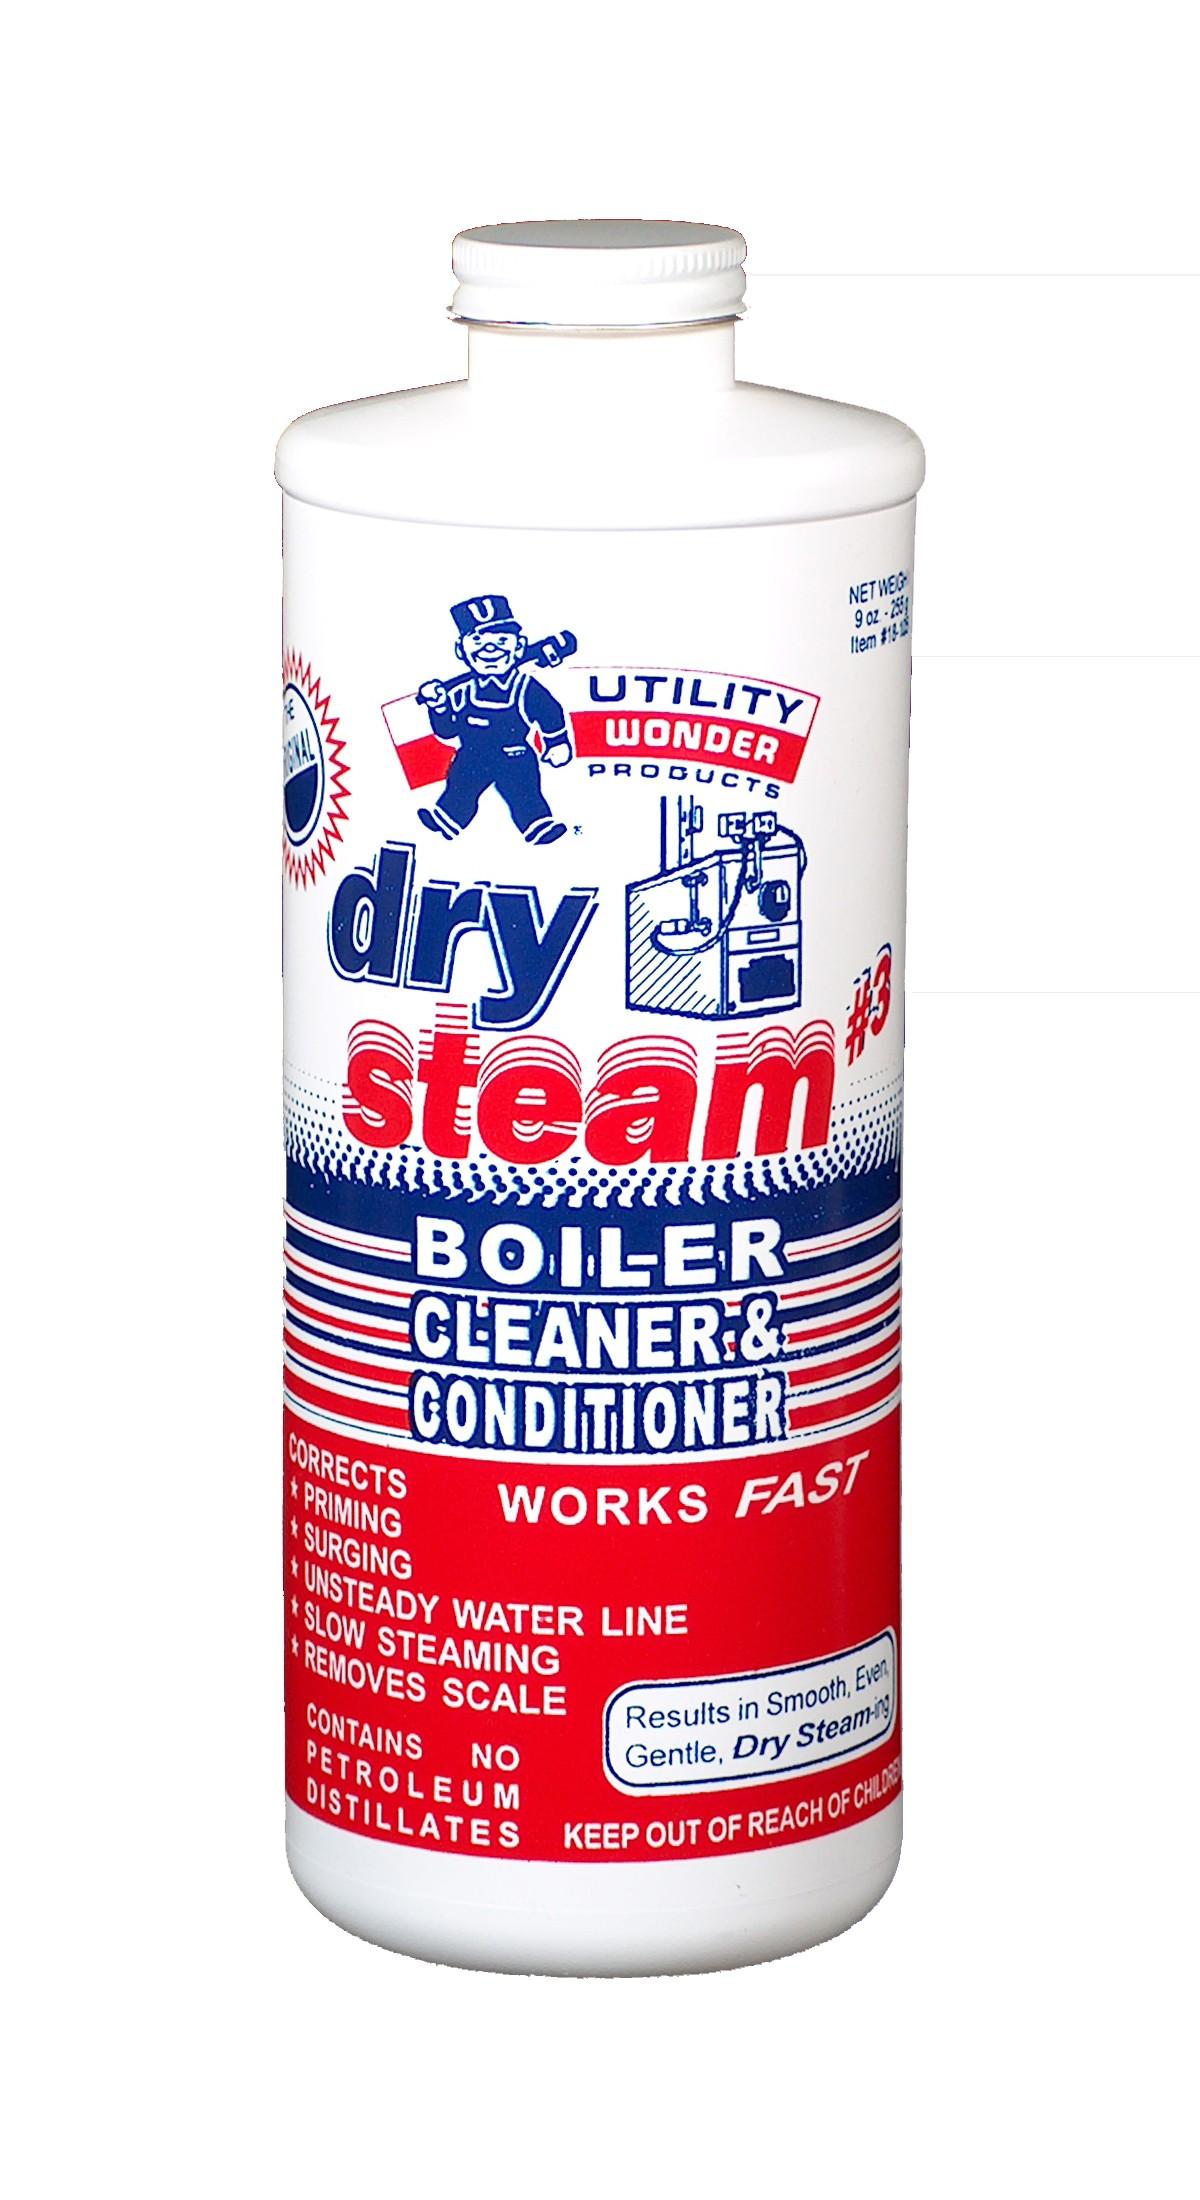 DRY STEAM #3 BOILER CLEANER